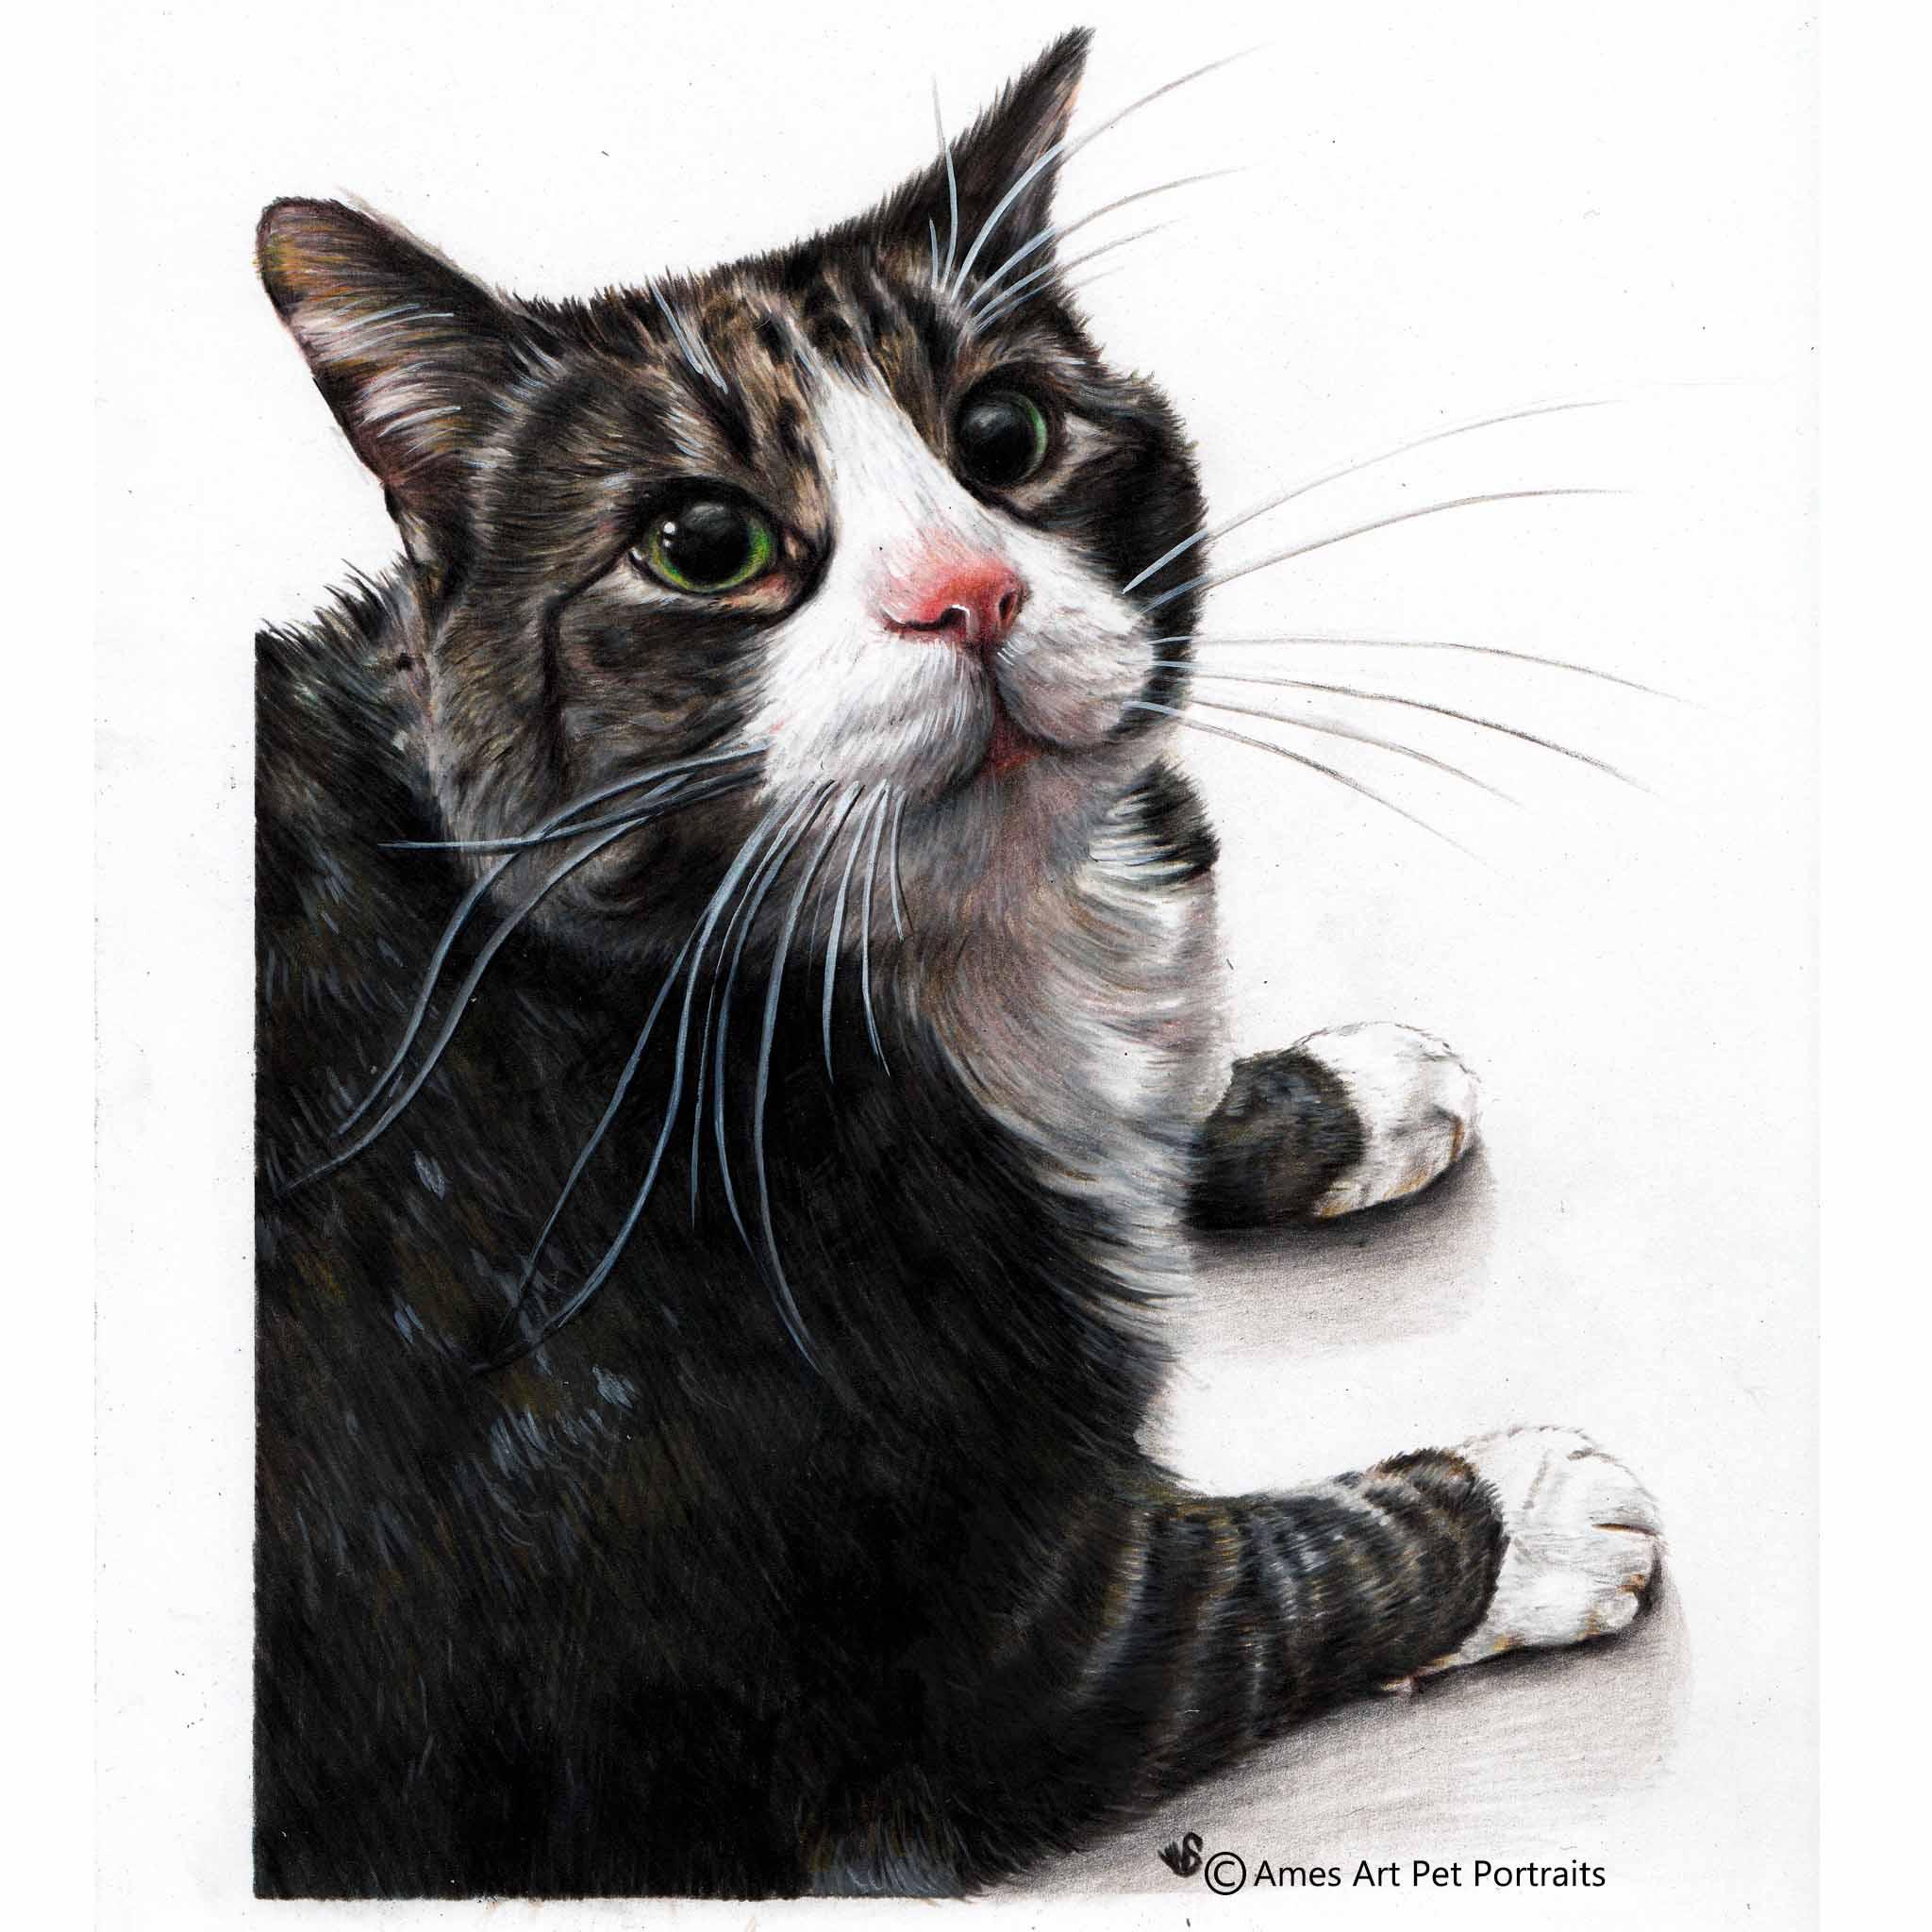 'Brisket' - USA, 8.5 x 11.7 in, 2017, Color Pencil Cat Portrait